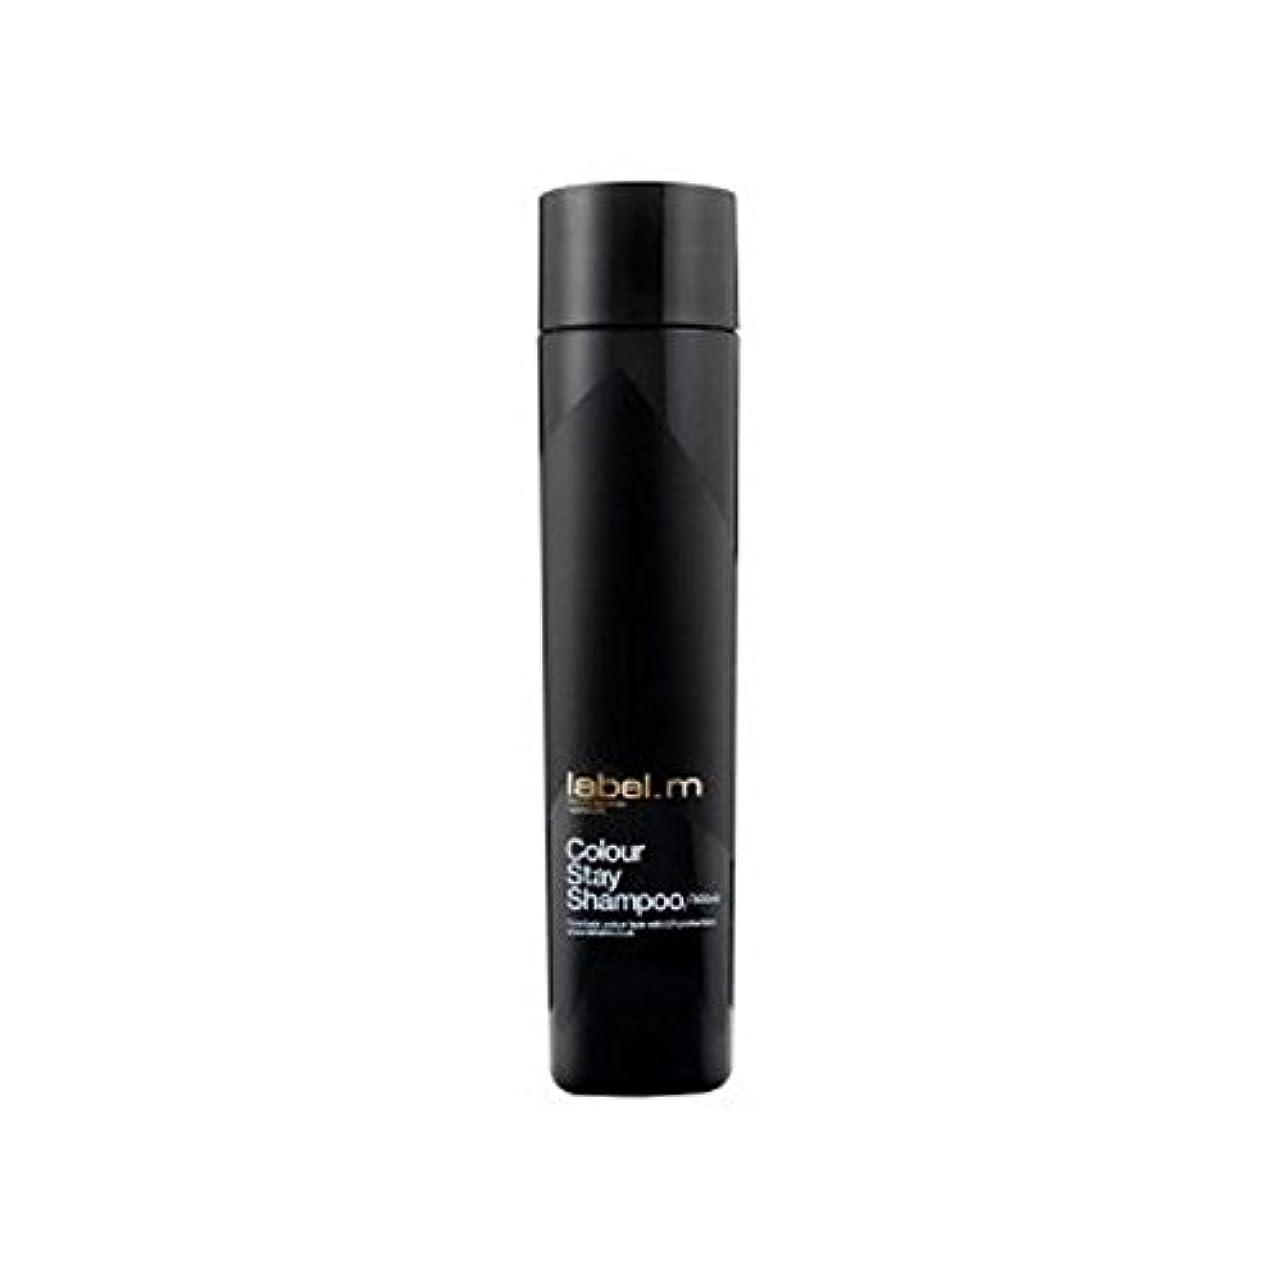 傾斜素敵な私Label.M Colour Stay Shampoo (300ml) (Pack of 6) - .カラーステイシャンプー(300ミリリットル) x6 [並行輸入品]